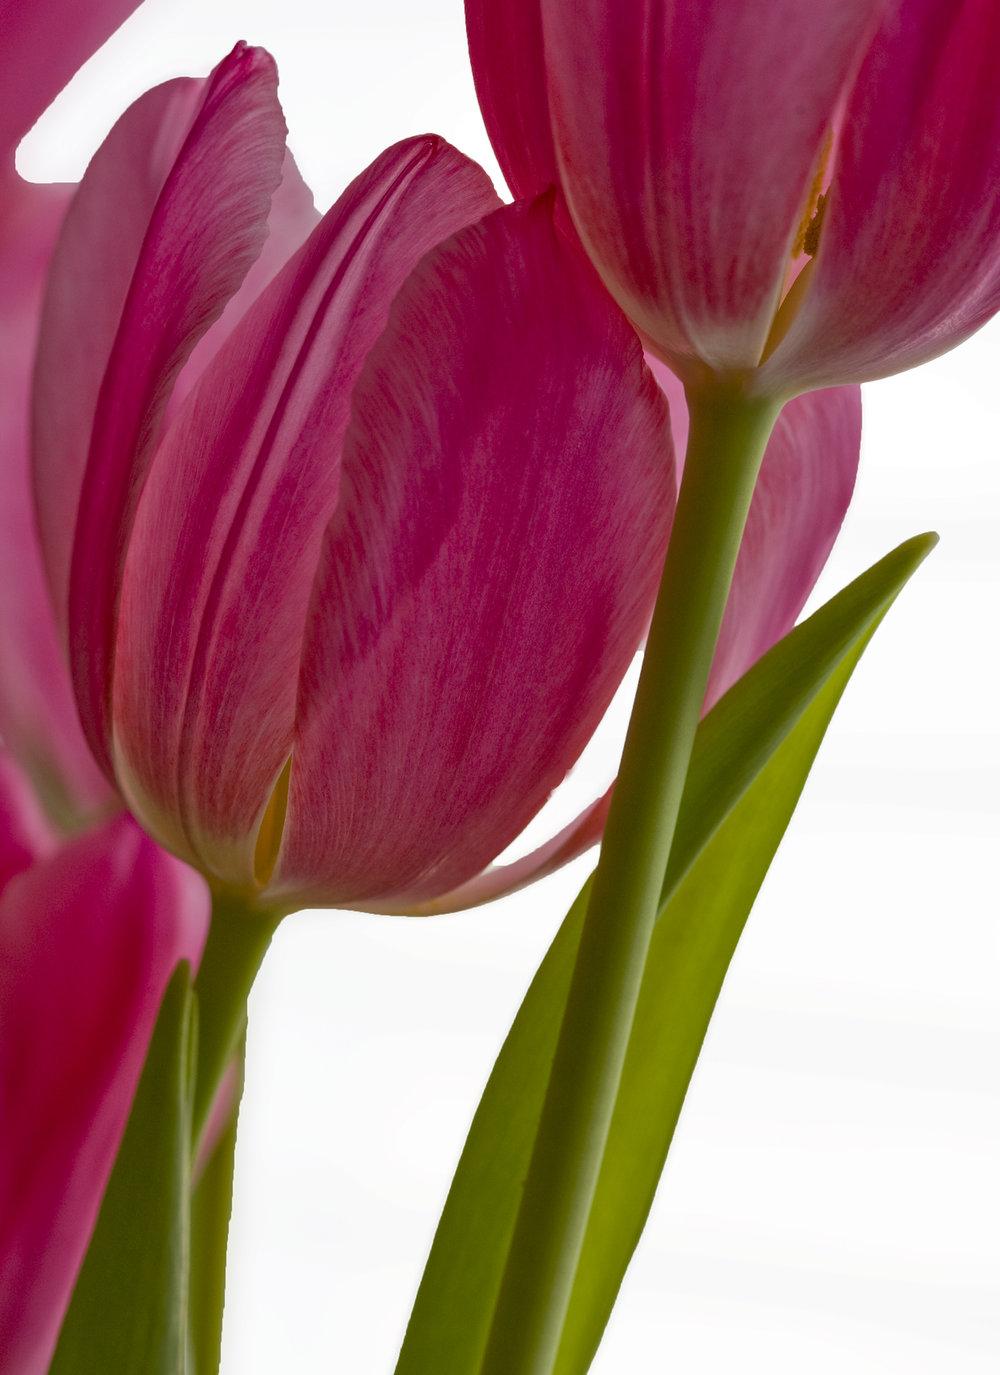 Tulips001Crop.jpg